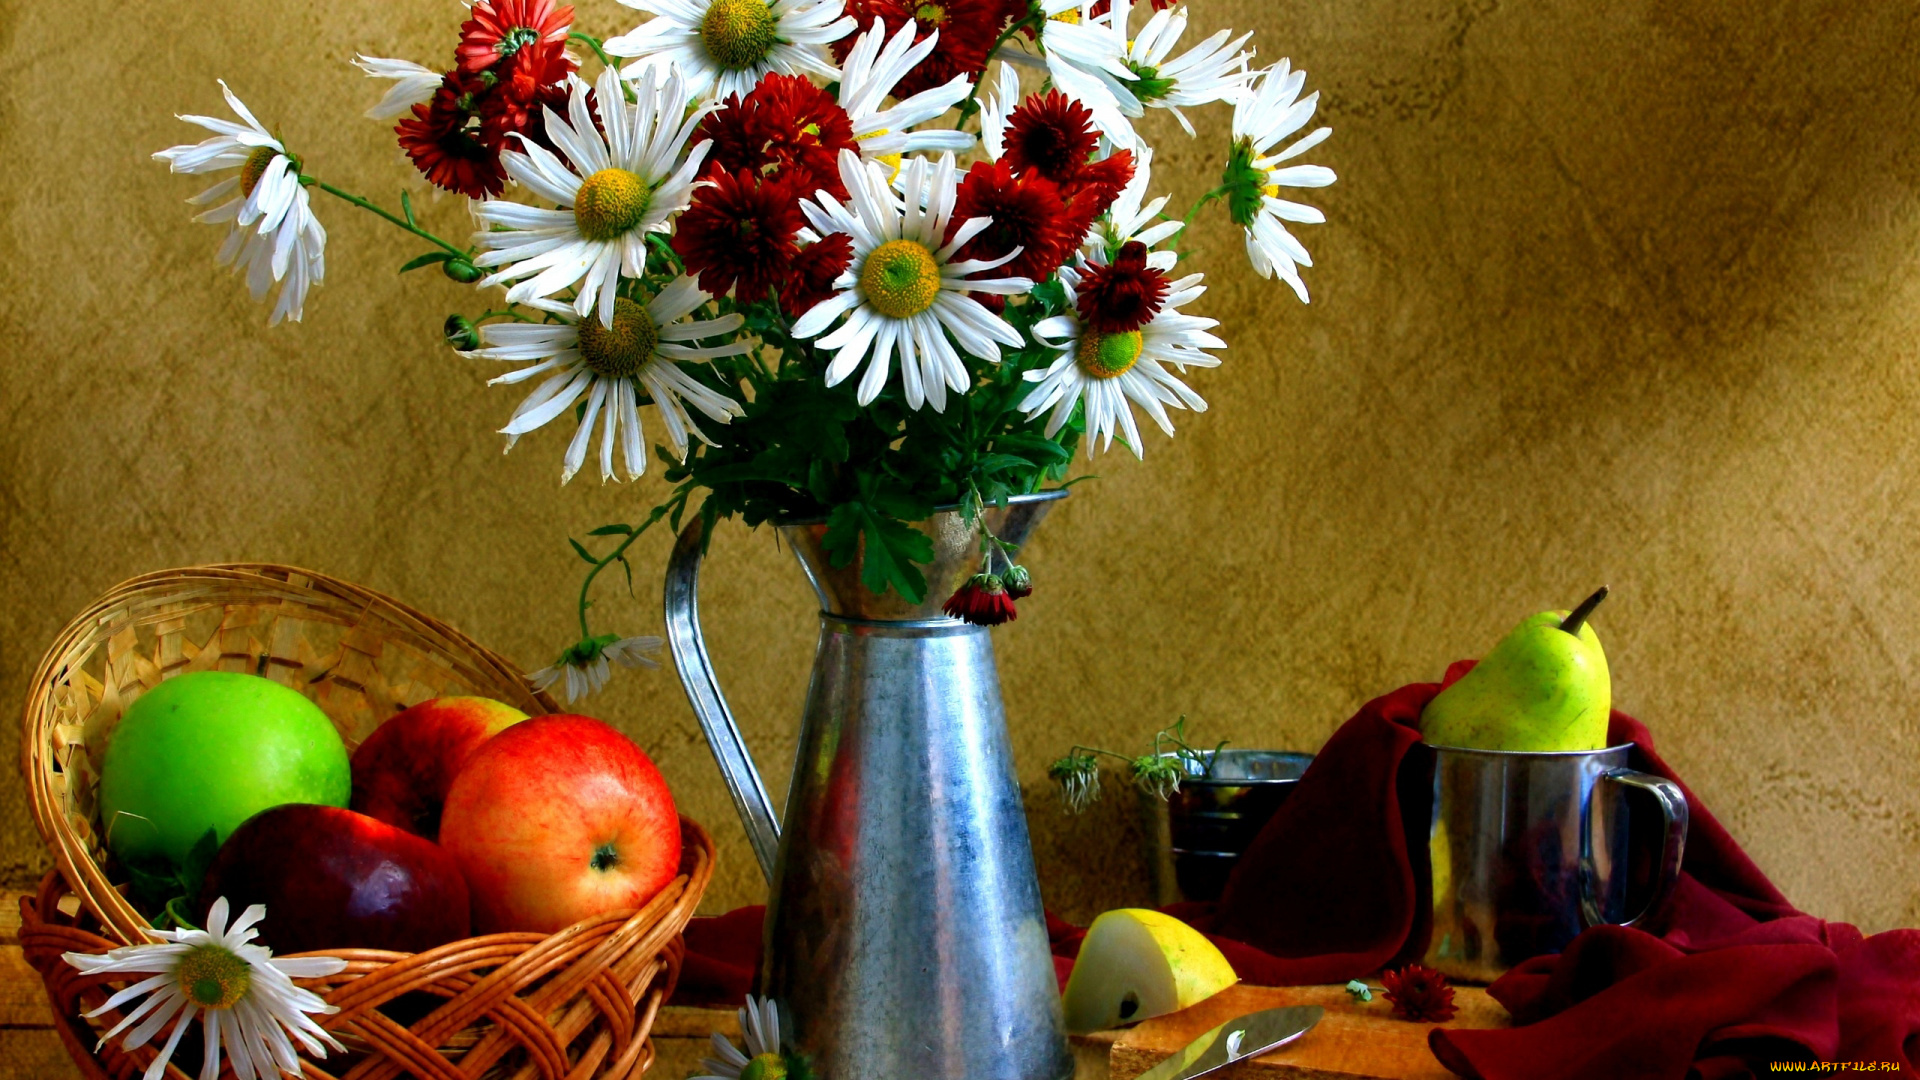 обои на рабочий стол натюрморт с цветами и фруктами № 226403 загрузить